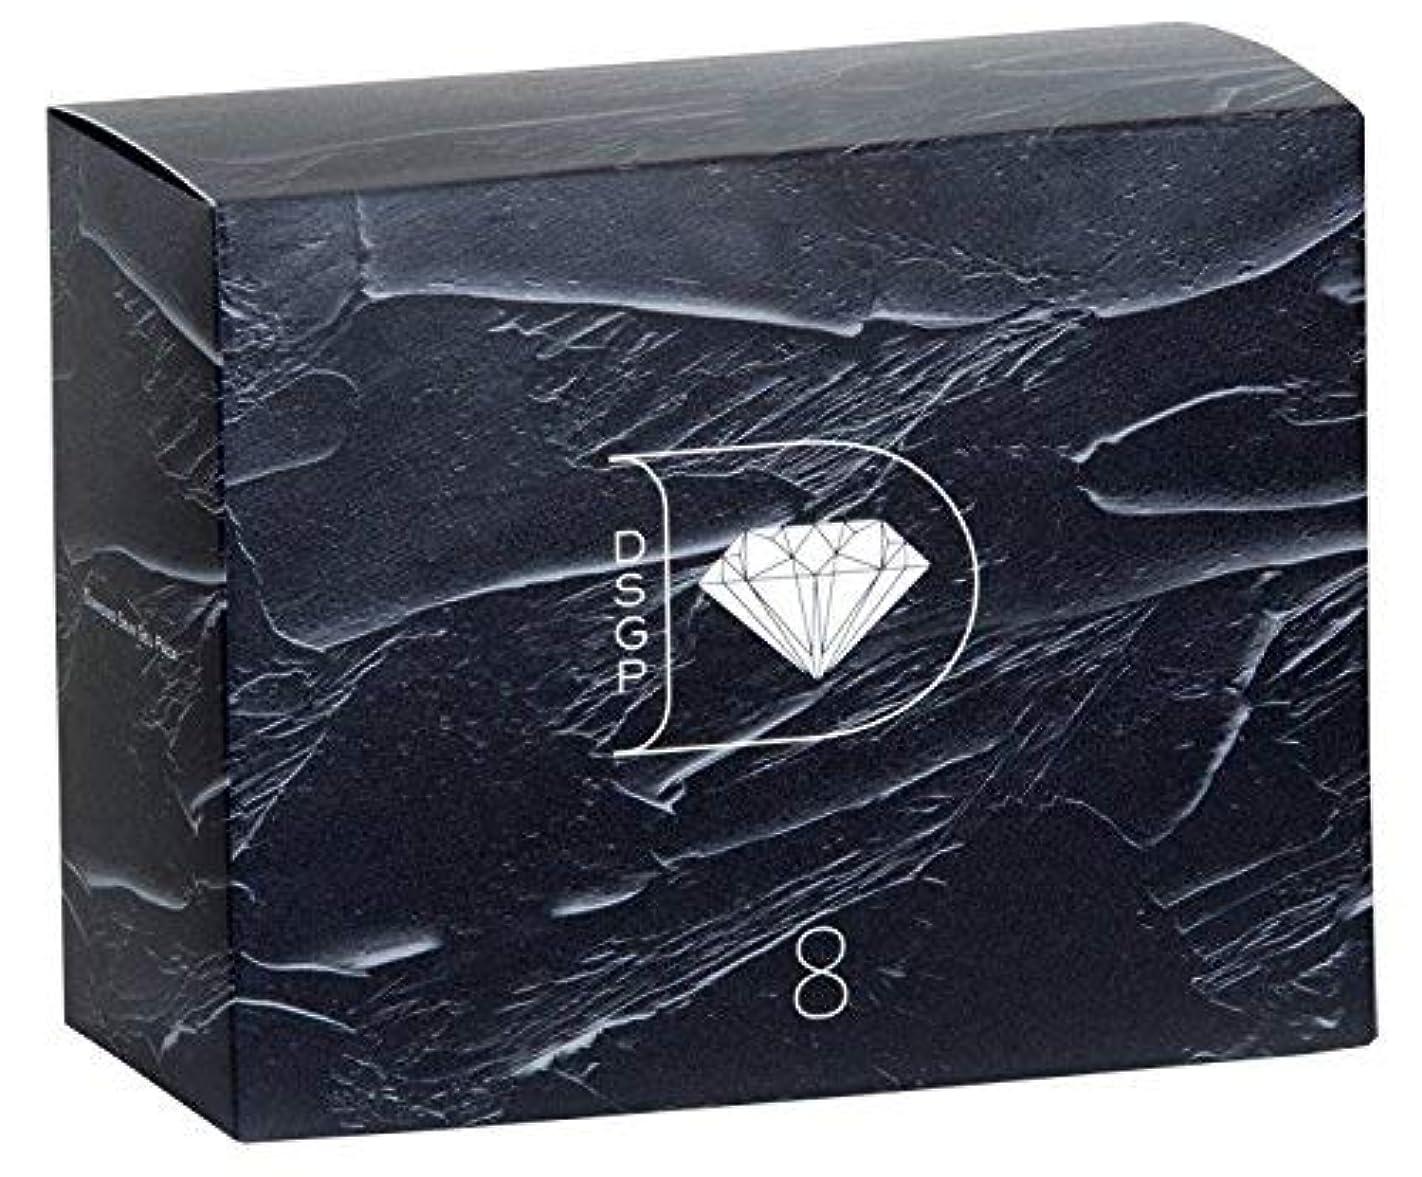 ライオン統合ベンチャーダイヤモンドスキンジェルパック×9箱 (1箱/8回分) 1回のパックで実感、もっちり肌。 琉球粘土×高濃度炭酸ガス フェイスパック